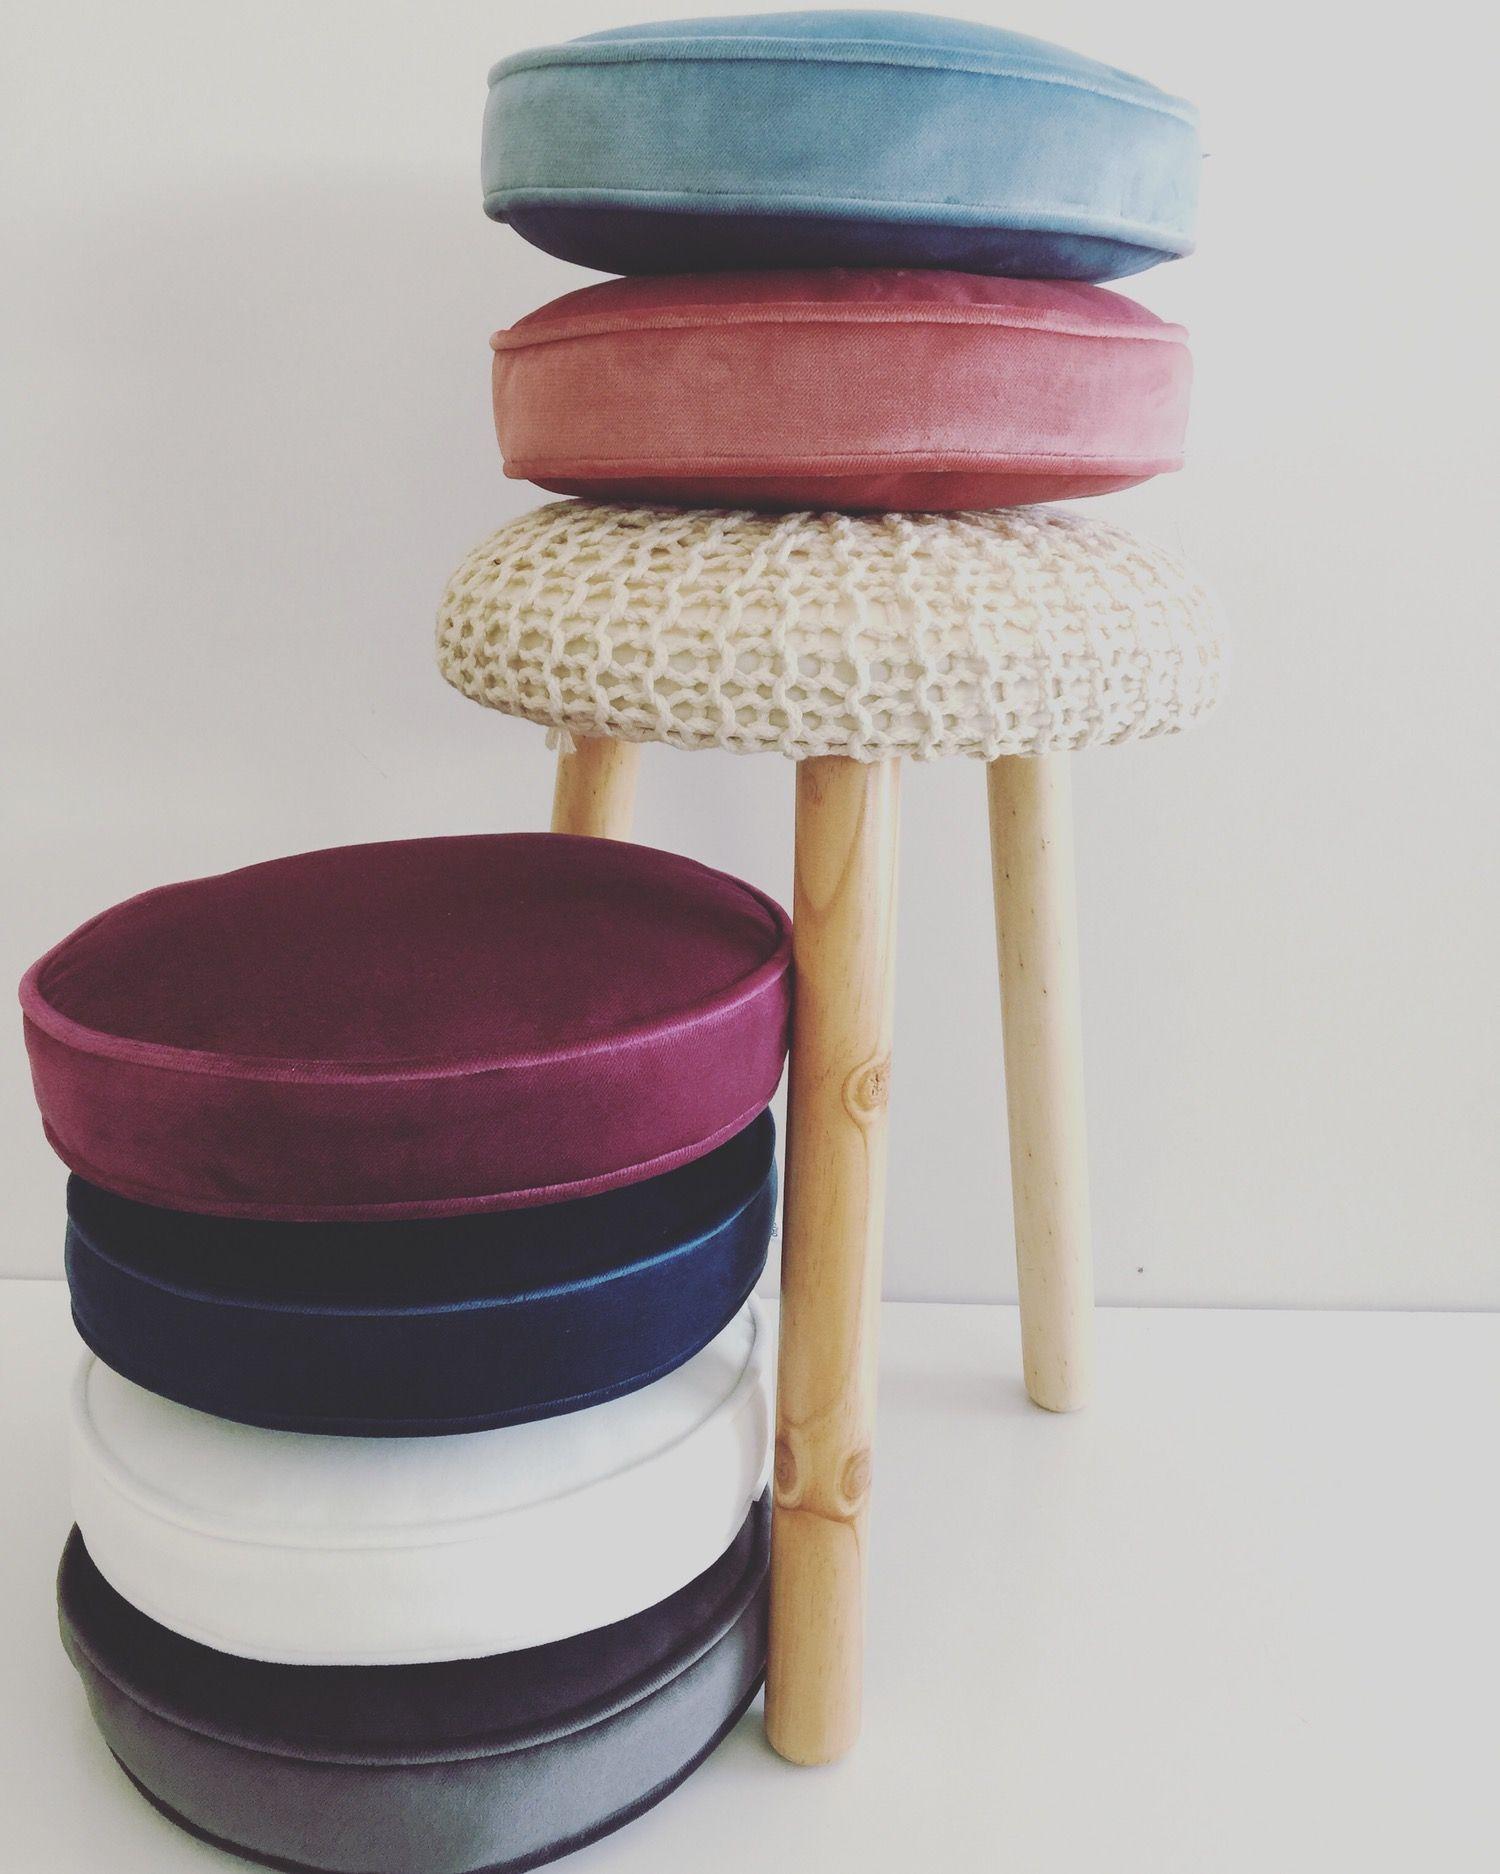 Image of Velvet Round Scatter Cushion (inc gst) 2016